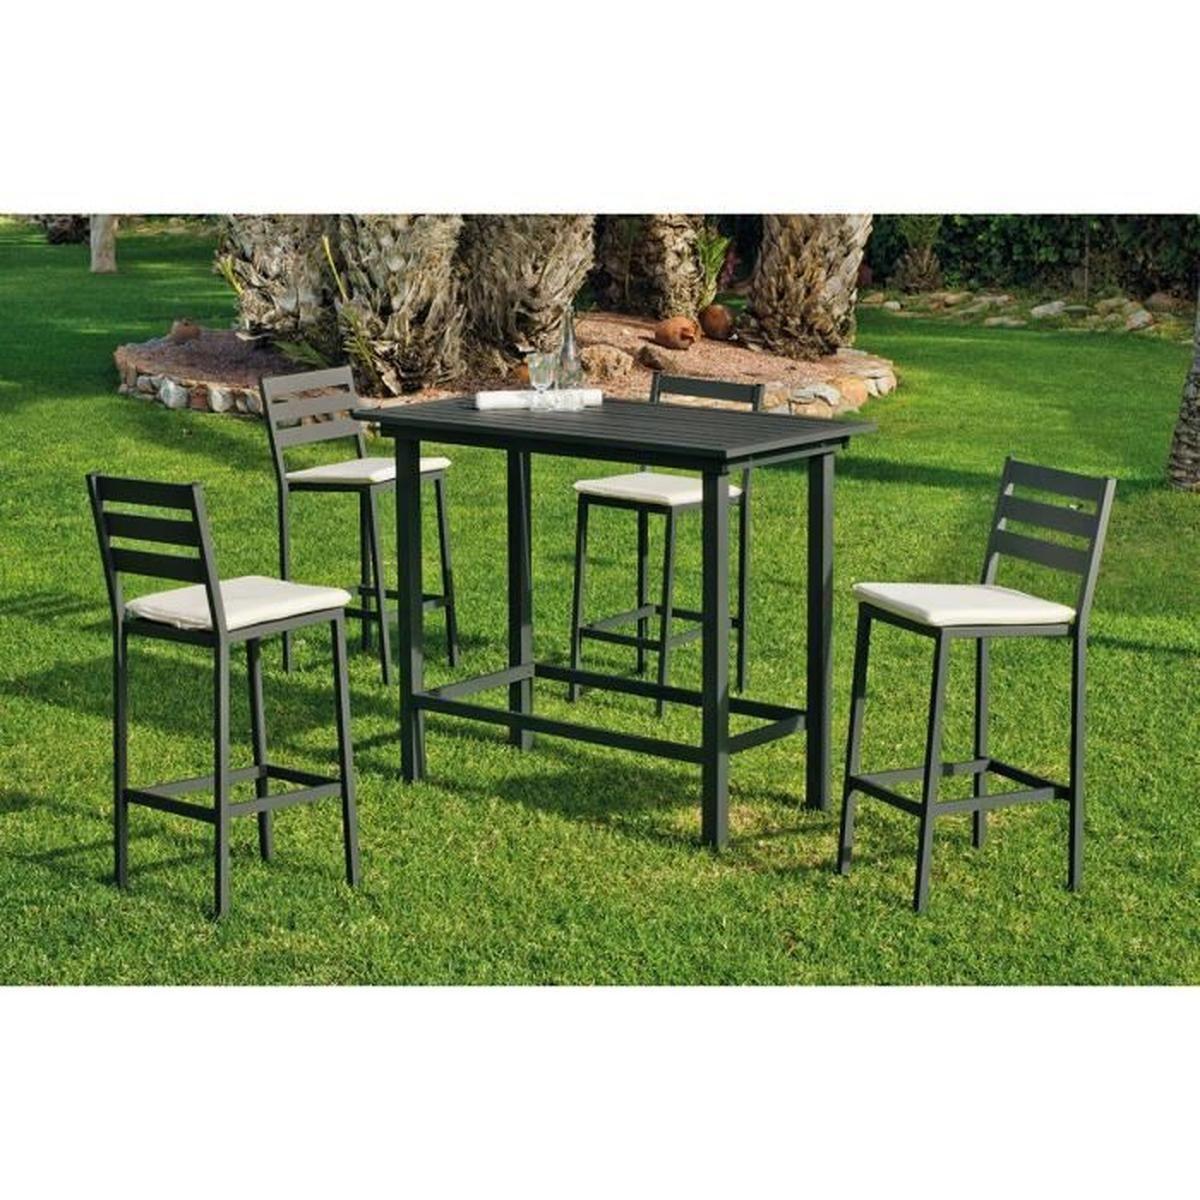 Ensemble De Jardin Galicia 1 Table Bar + 4 Chaises Hautes Anthracite pour Cdiscount Table De Jardin